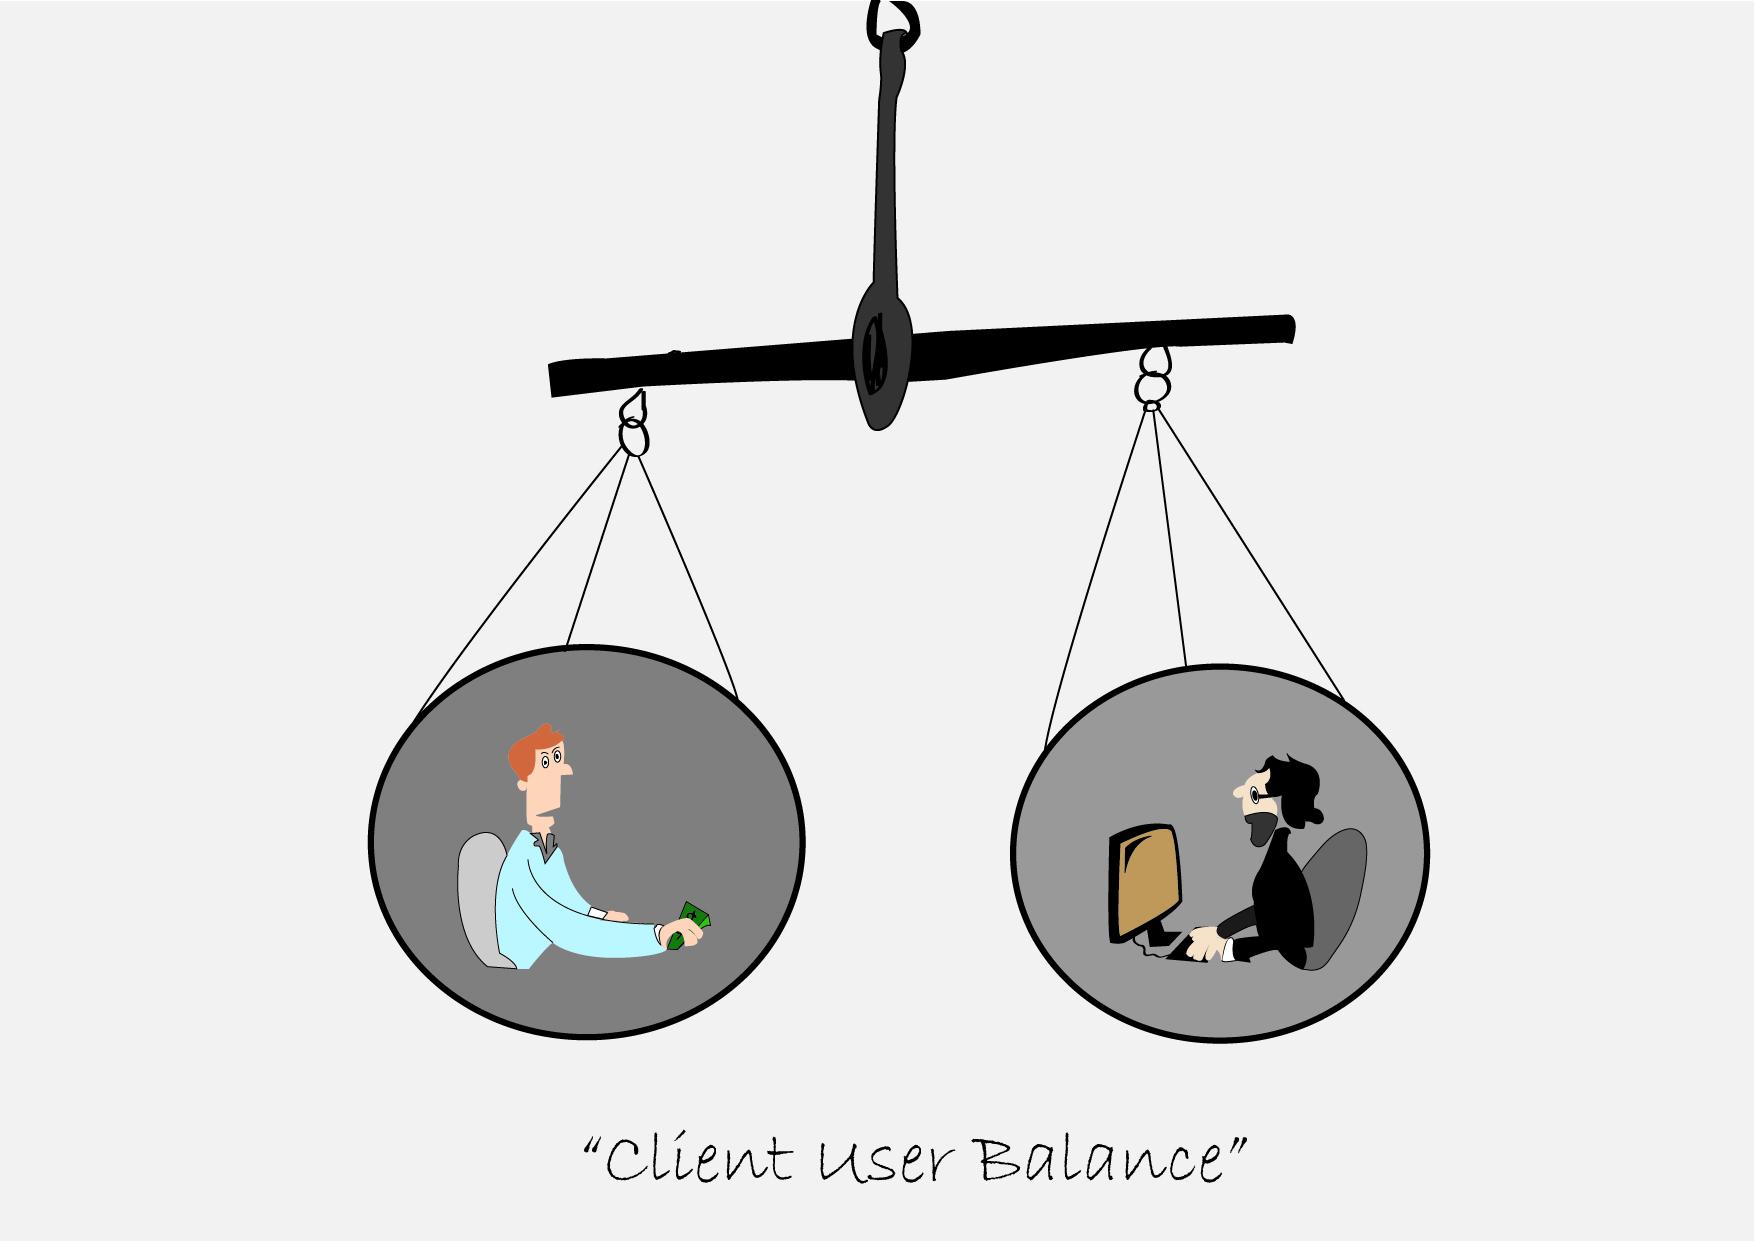 Client-User Balance